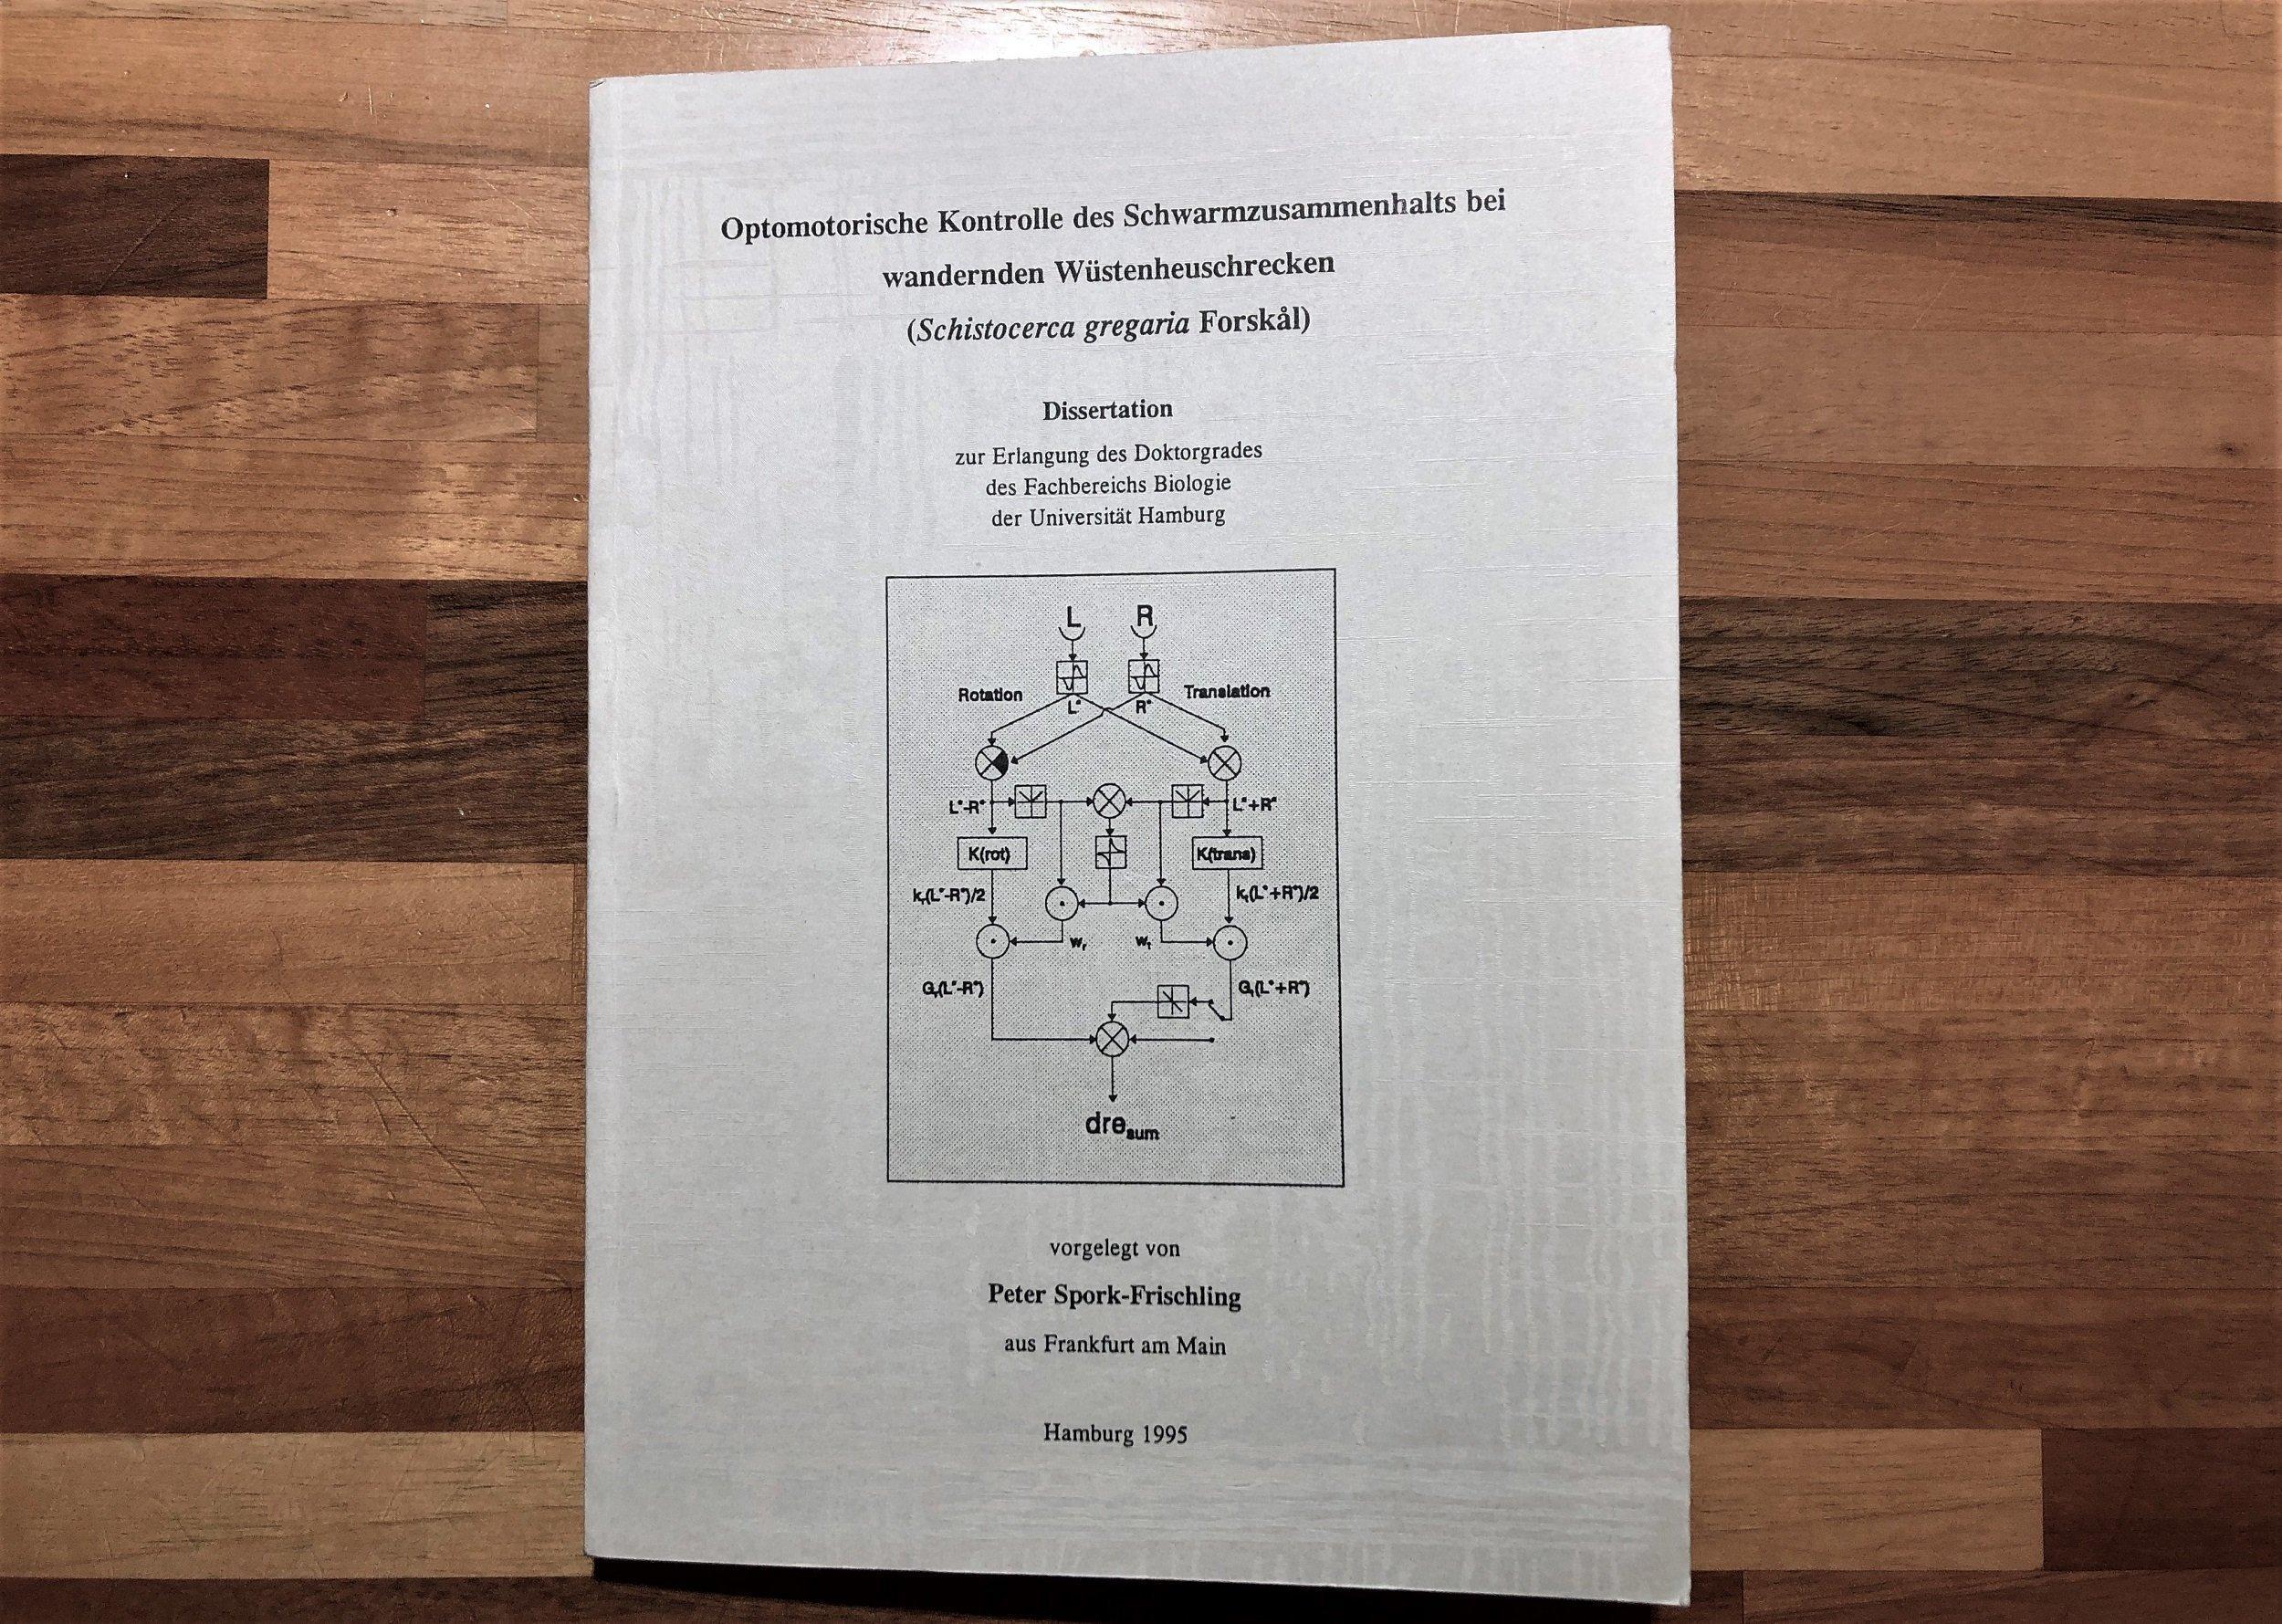 """Buchcover: """"Optomotorische Kontrolle des Schwarmzusammenhalts bei wandernden Wüstenheuschrecken (Schistocerca gregaria Forskål)"""". Dissertation von Peter Spork-Frischling aus dem Jahr 1995."""